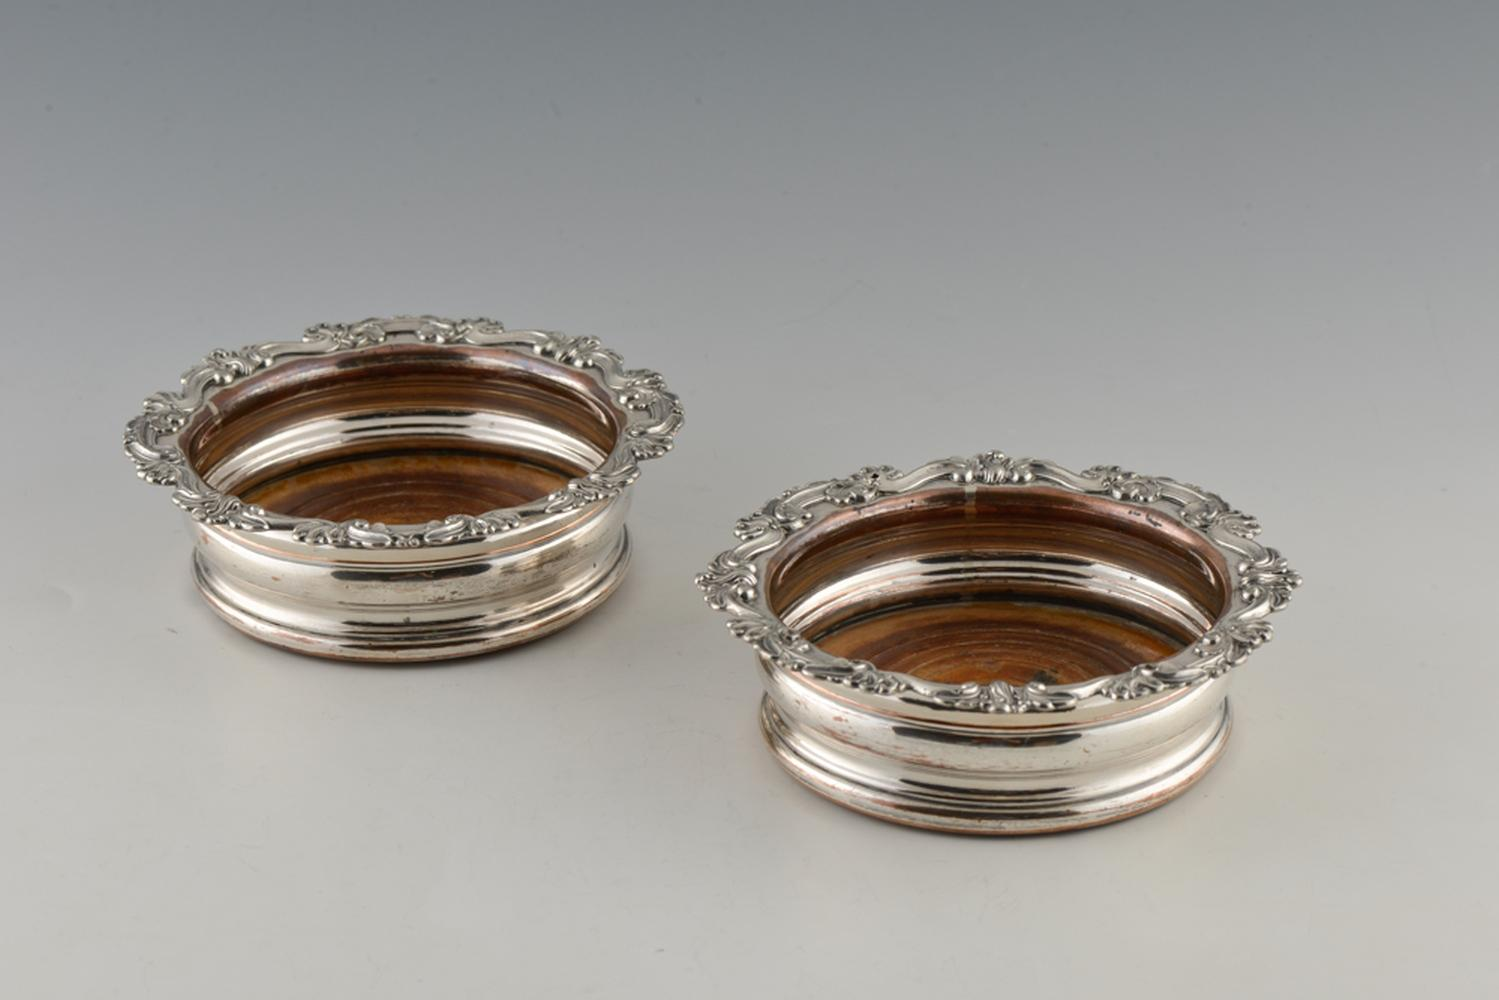 Par de bases para garrafas em metal prateado (2)